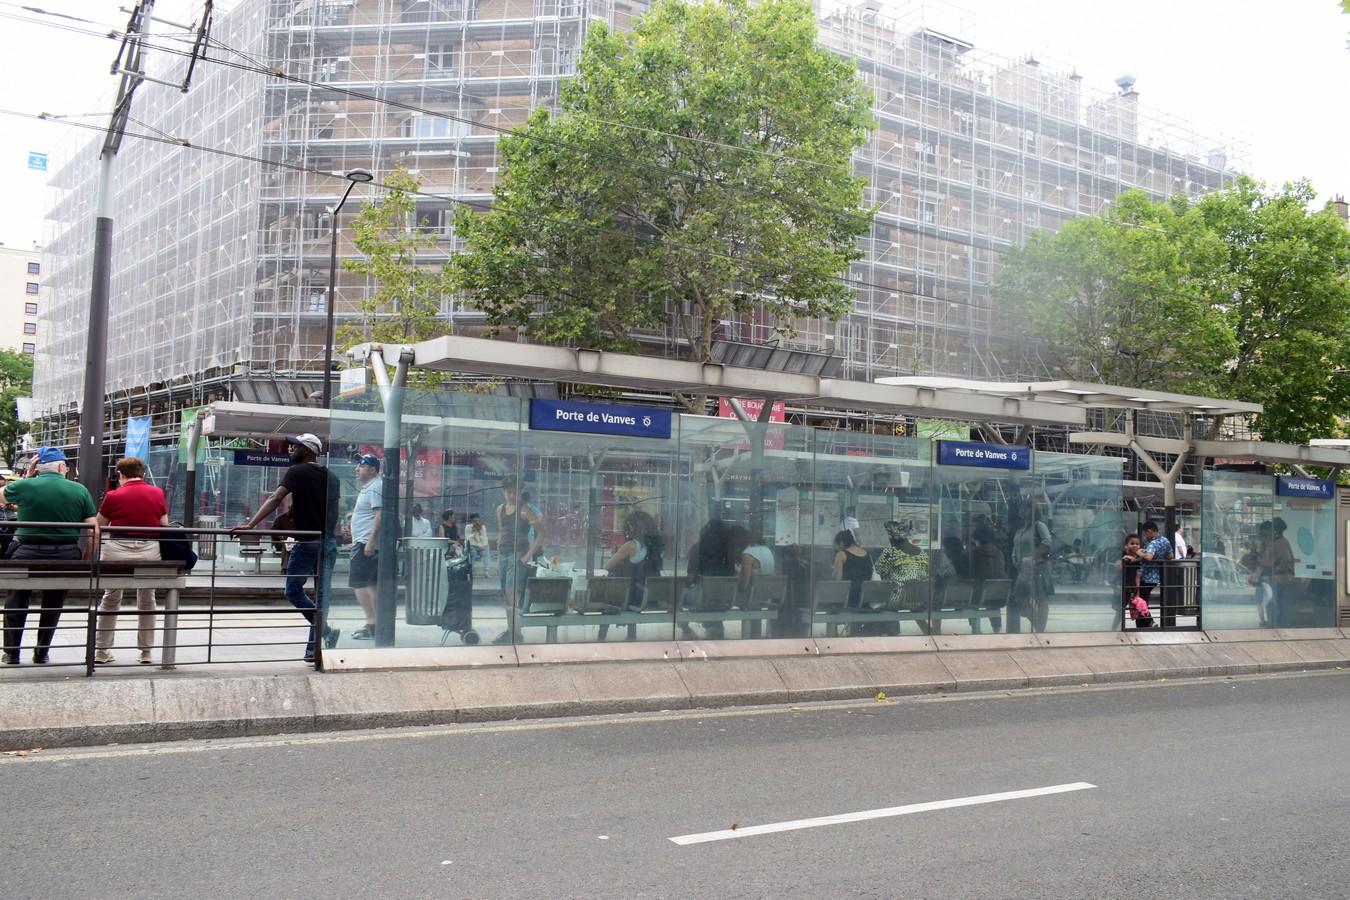 Porte de Vanves, Paris